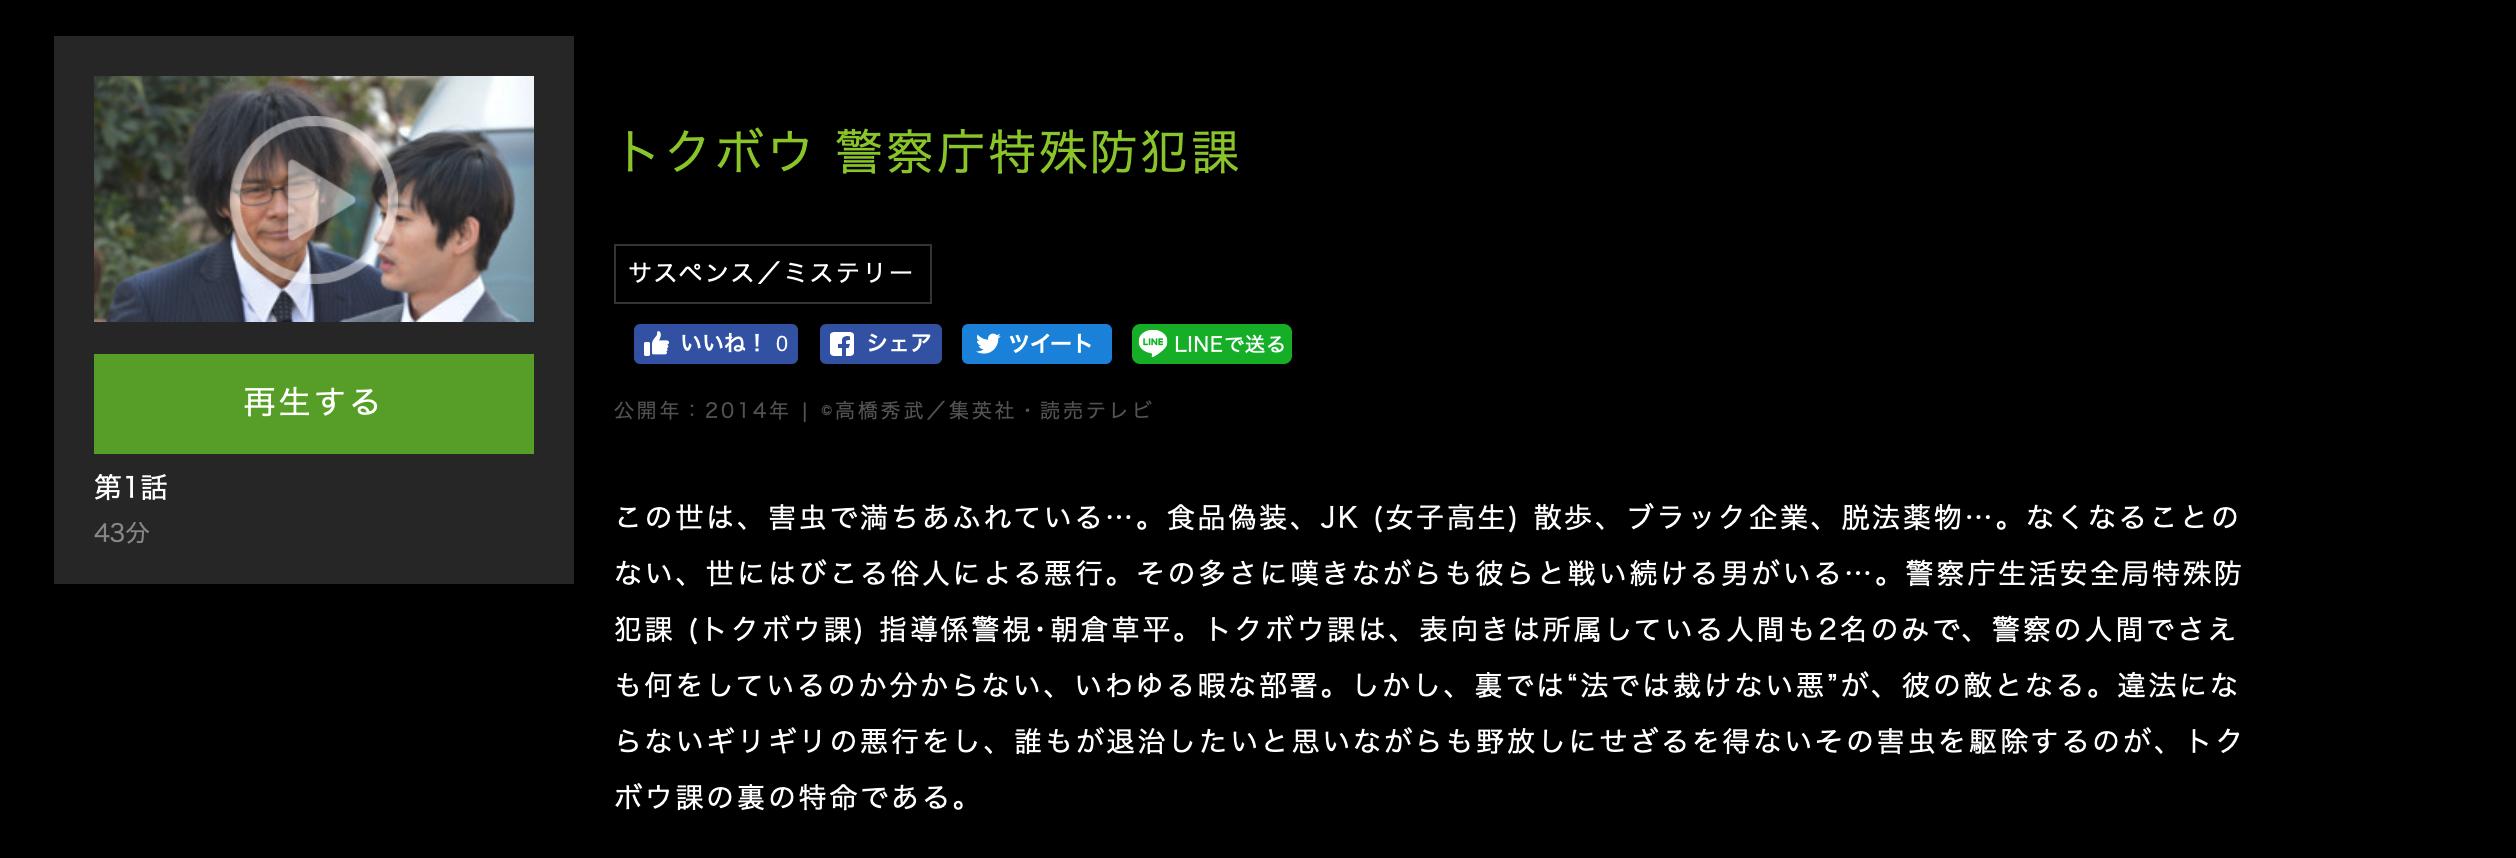 トクボウ 警察庁特殊防犯課あらすじ